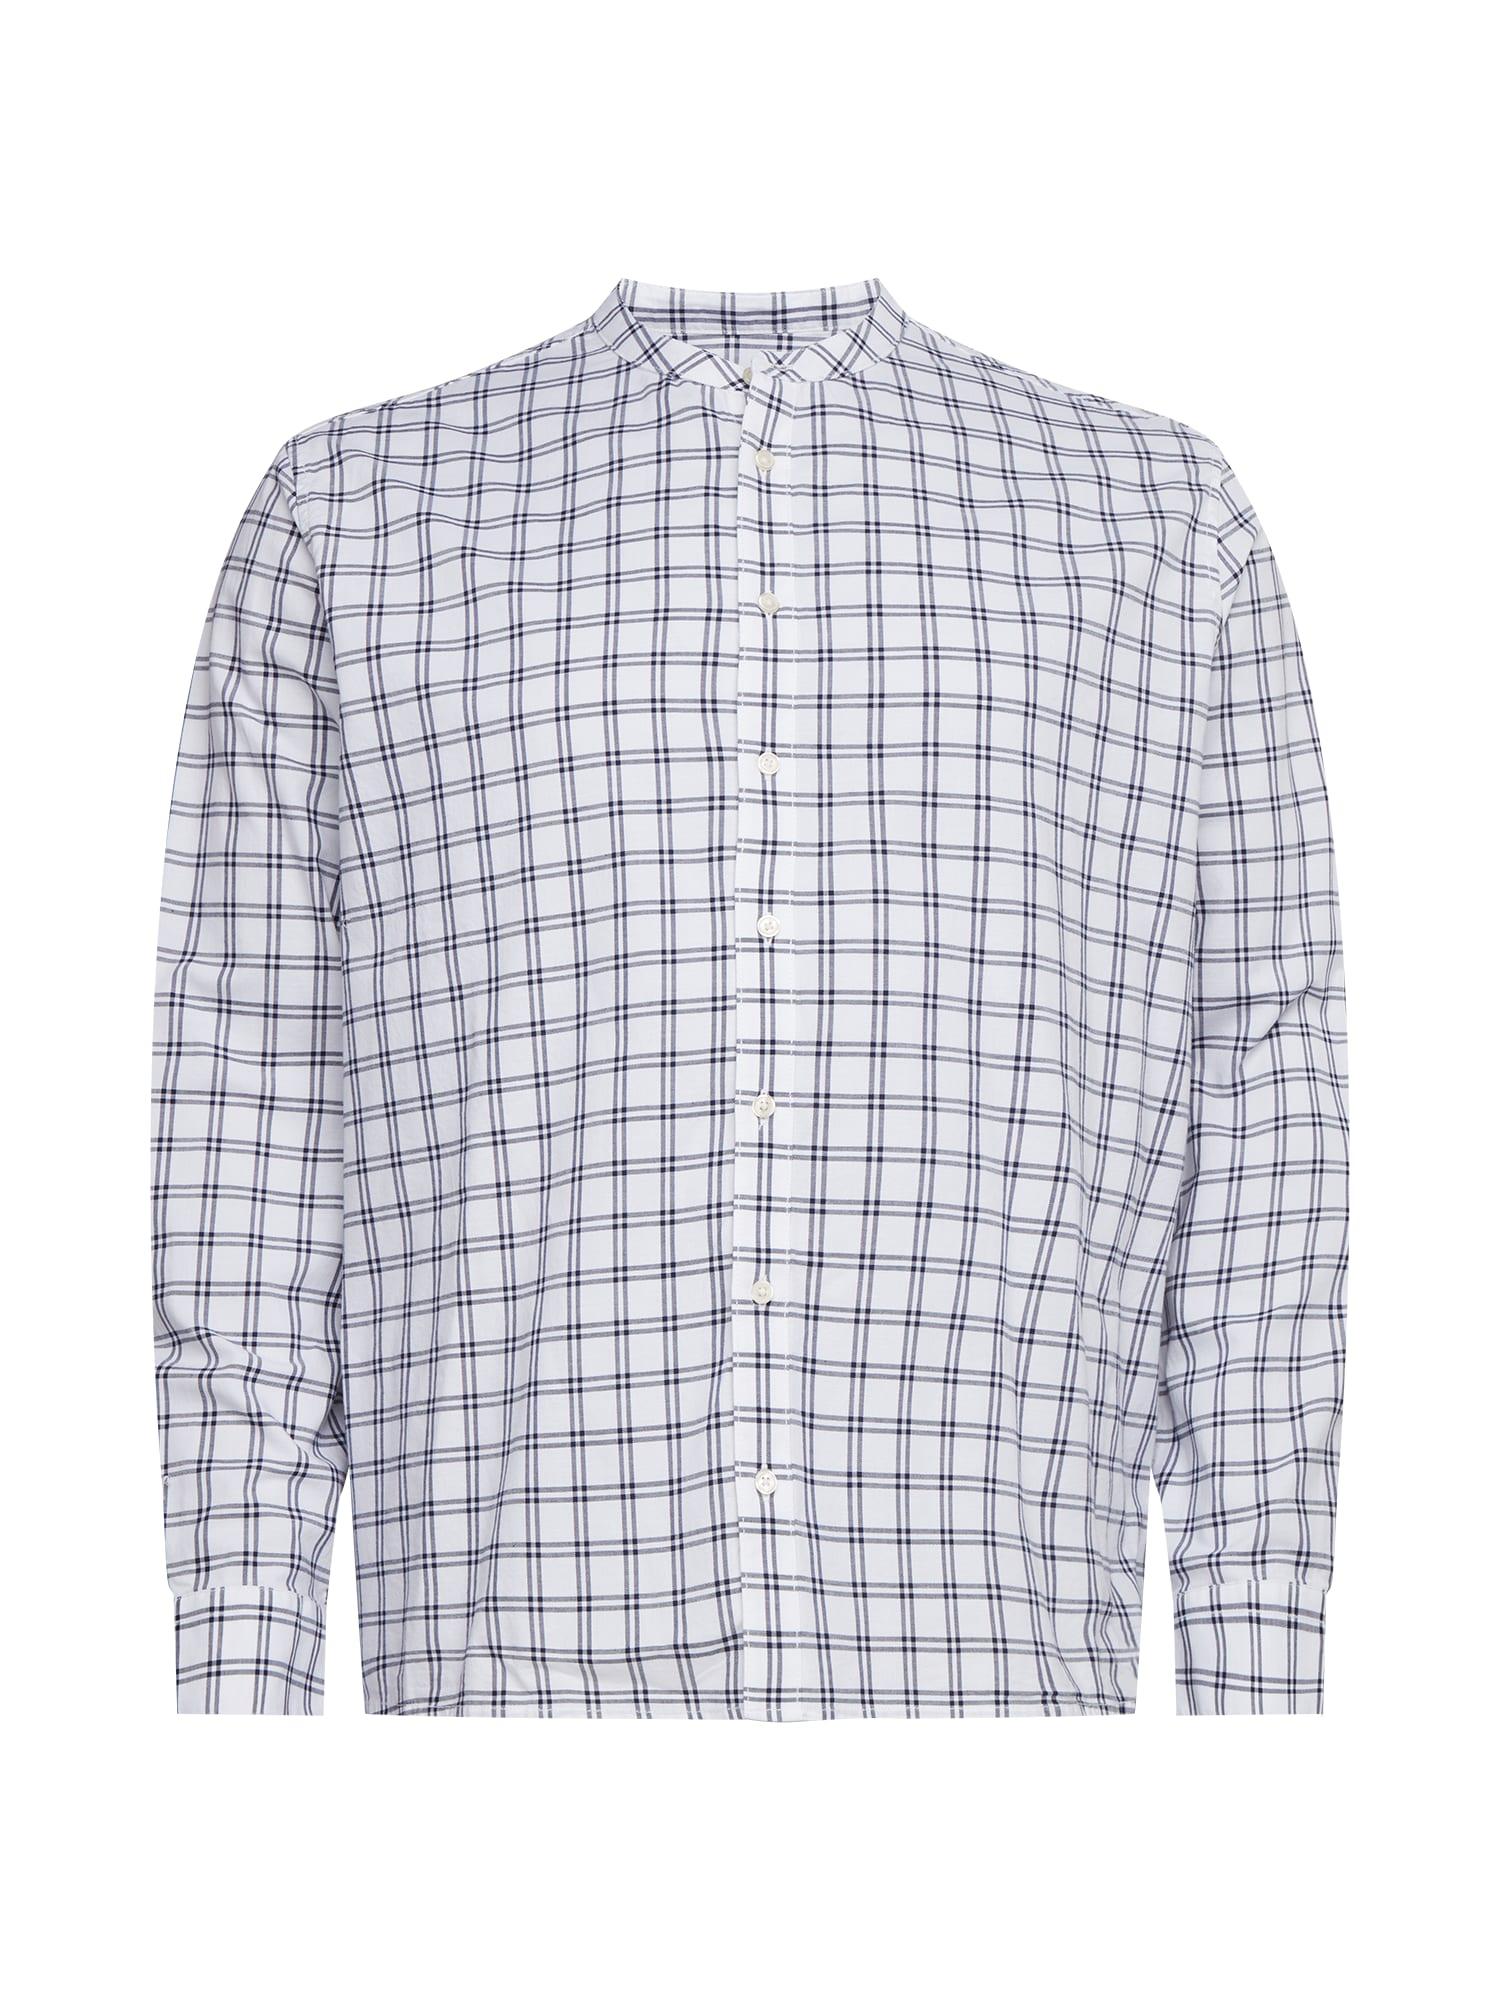 BURTON MENSWEAR LONDON Dalykinio stiliaus marškiniai balta / tamsiai mėlyna